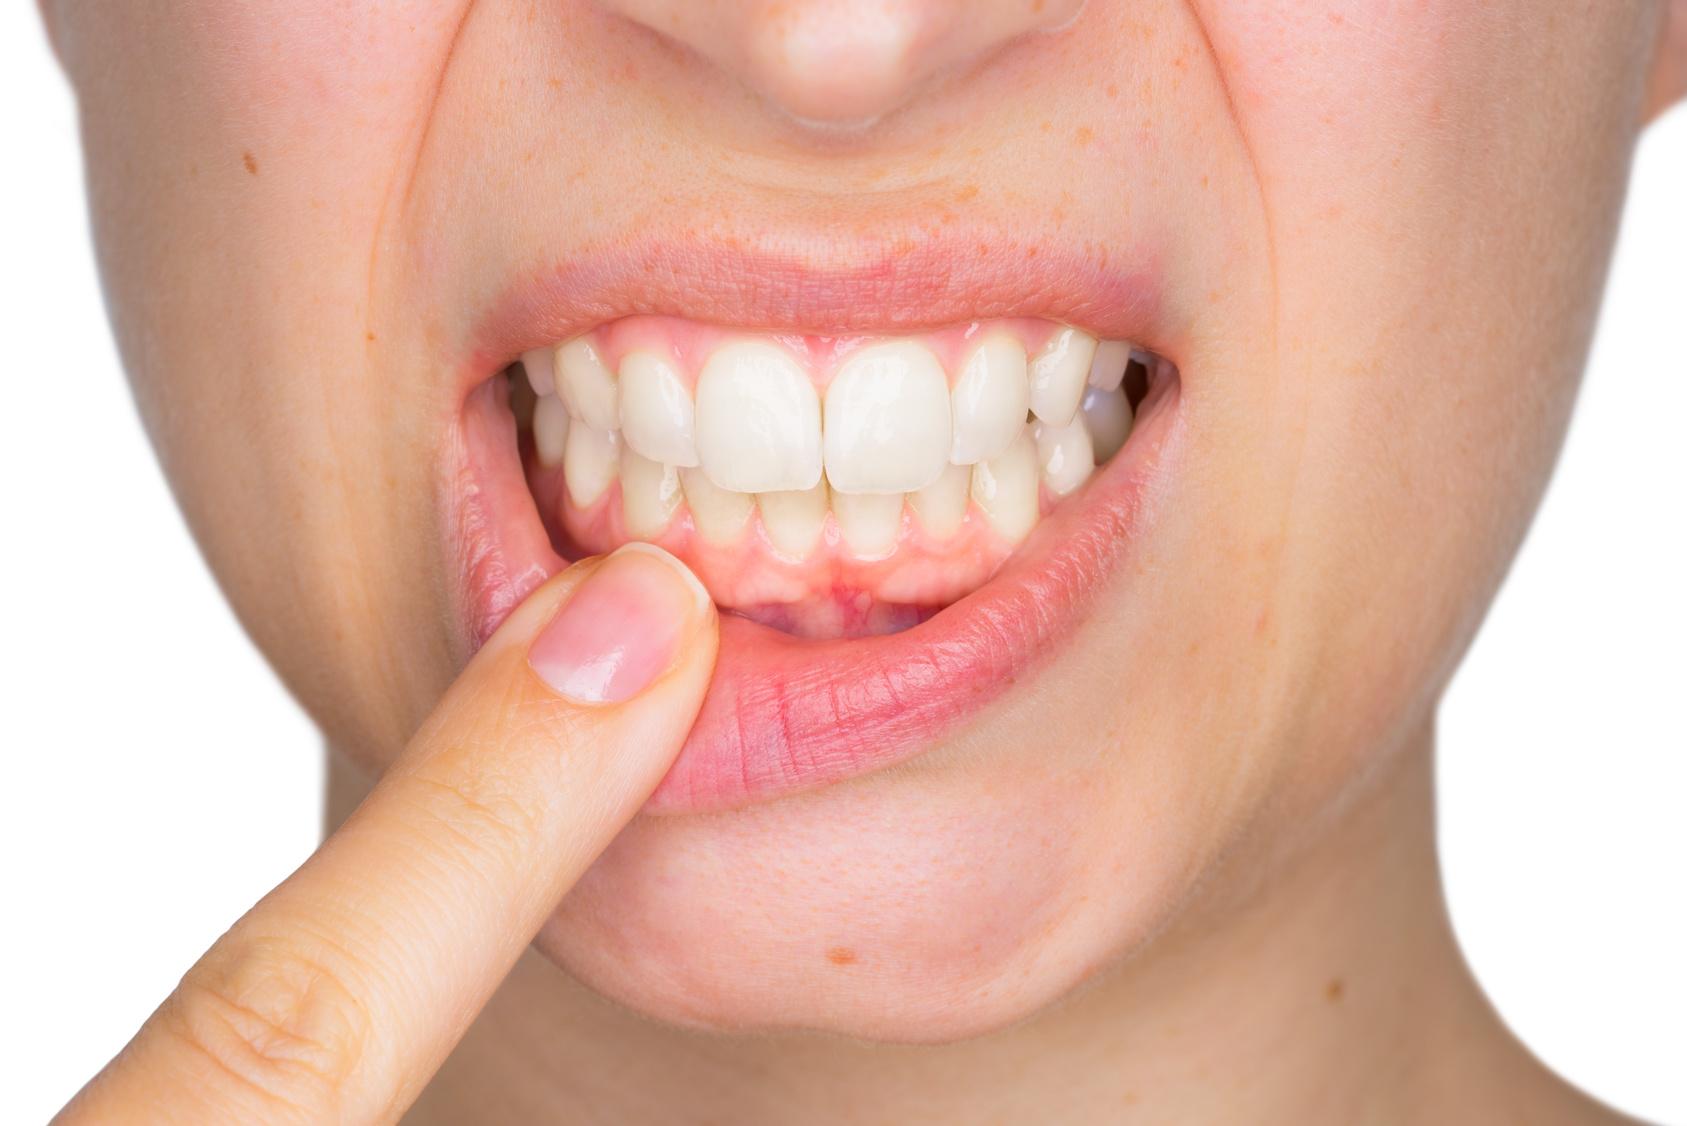 Arzt klärt auf Das Schlimmste, was man seinen Zähnen antun kann!